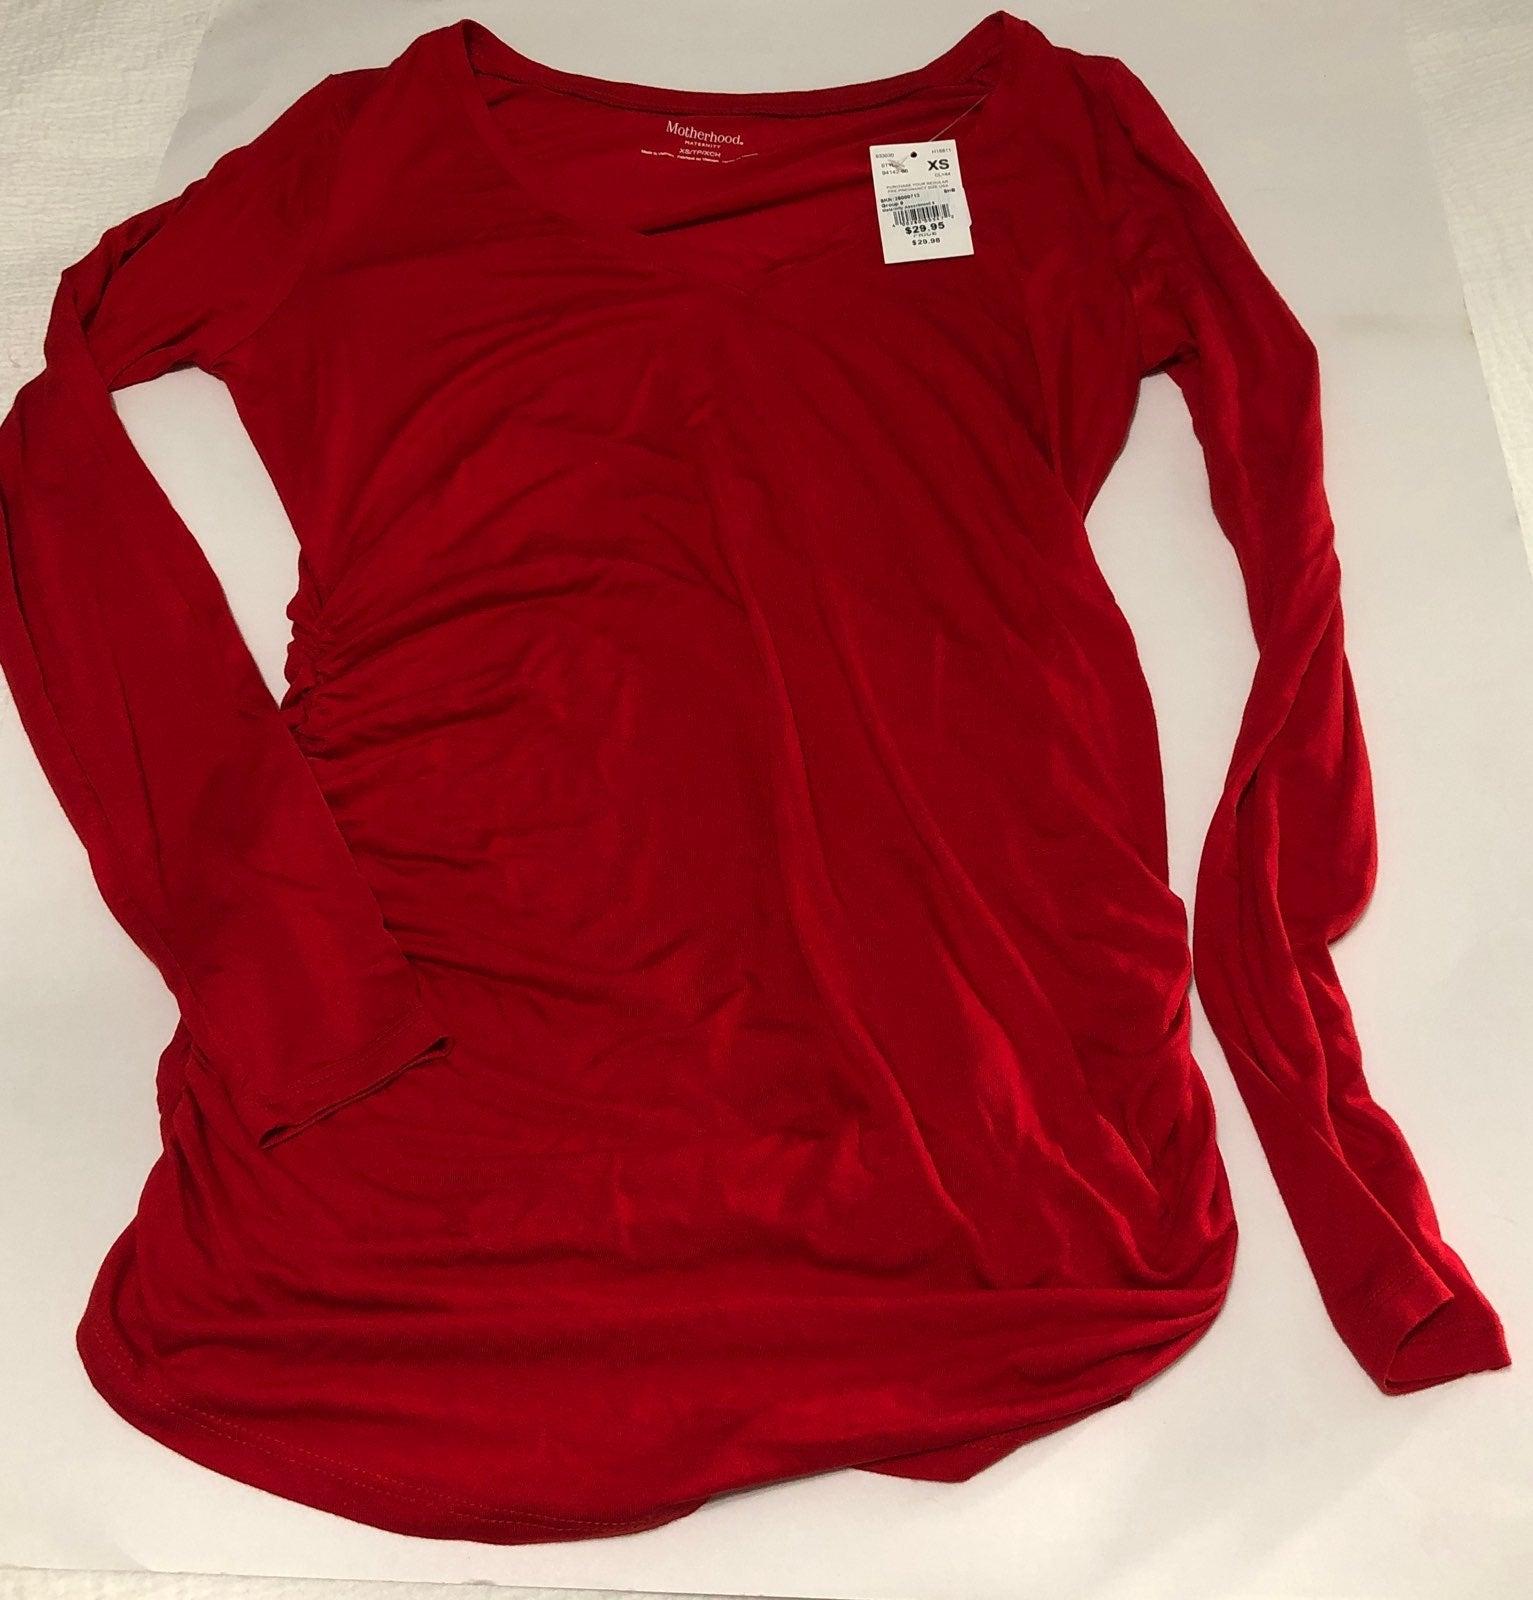 Motherhood Maternity Red Shirt XS New